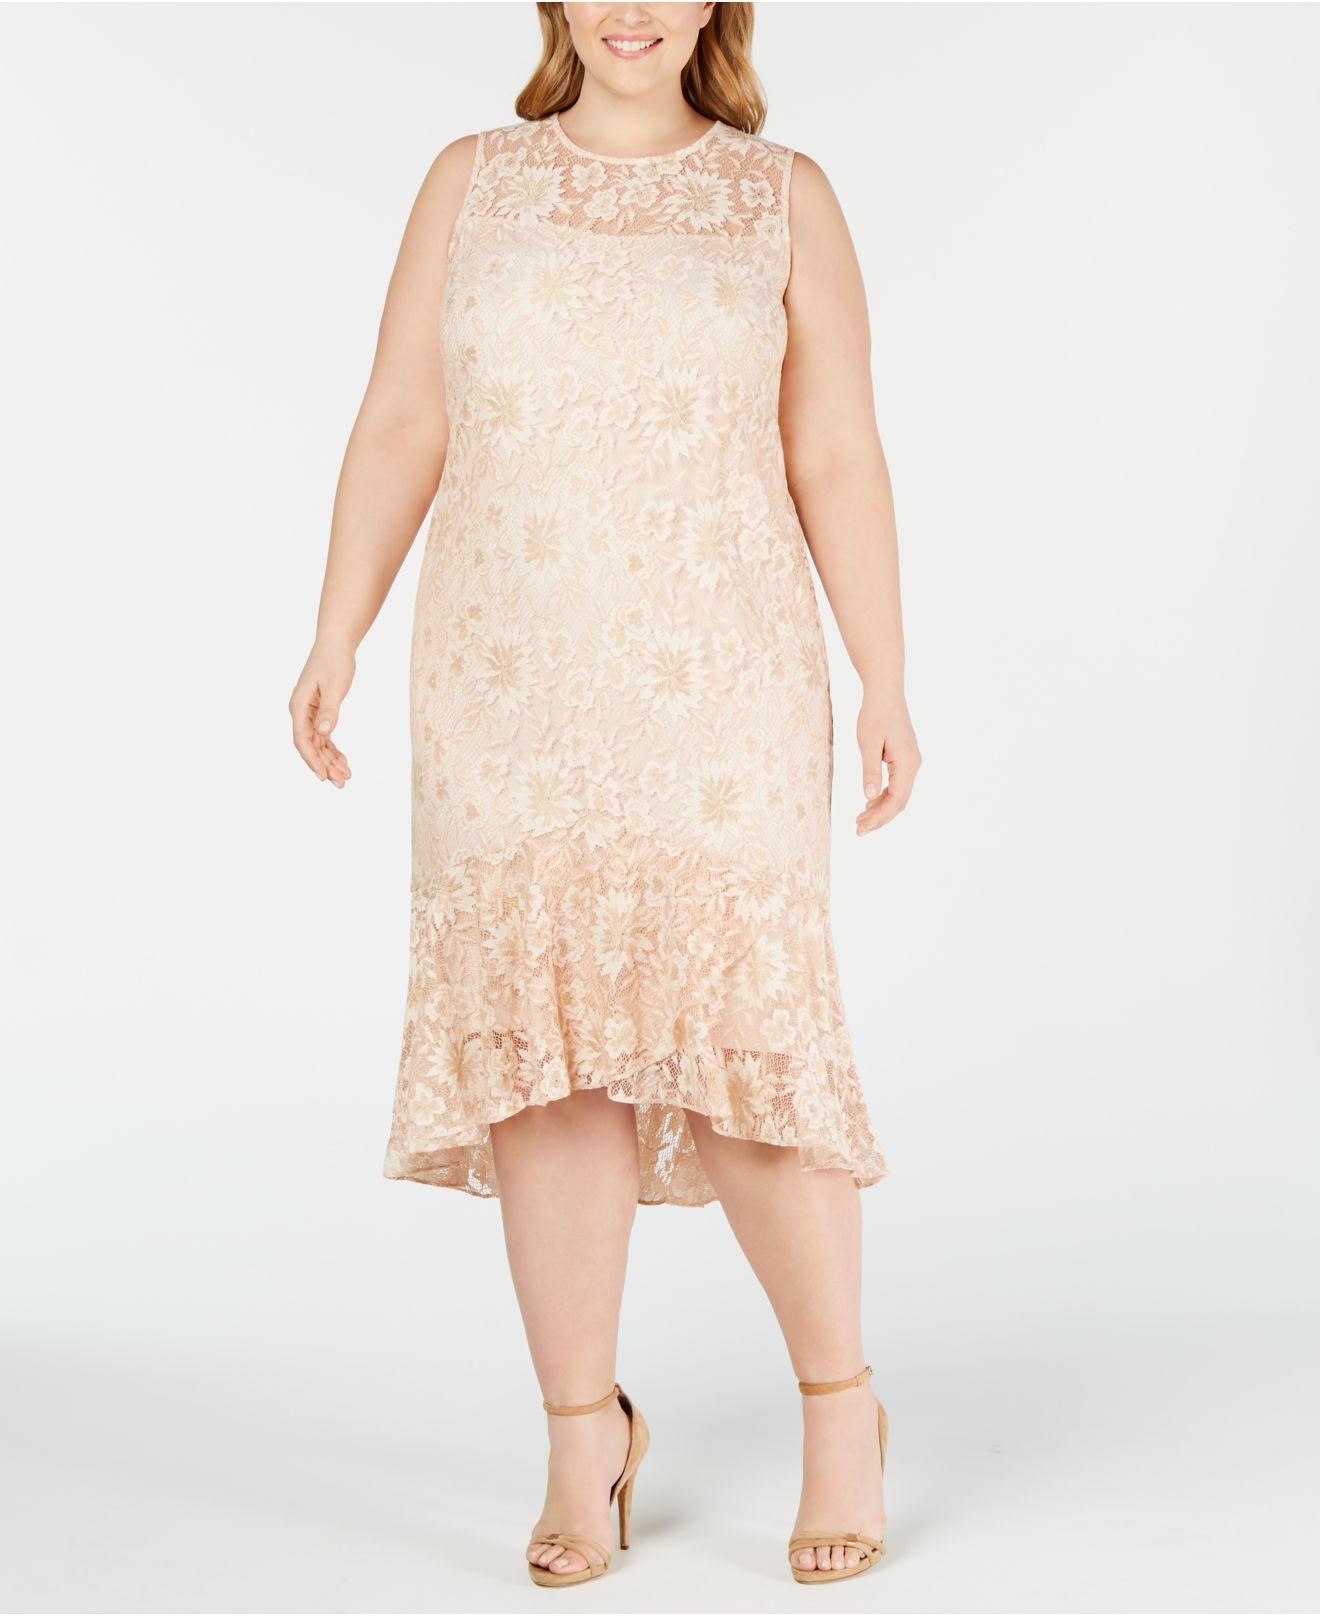 4da12d58e5 Plus Size High Low Lace Dresses - Data Dynamic AG